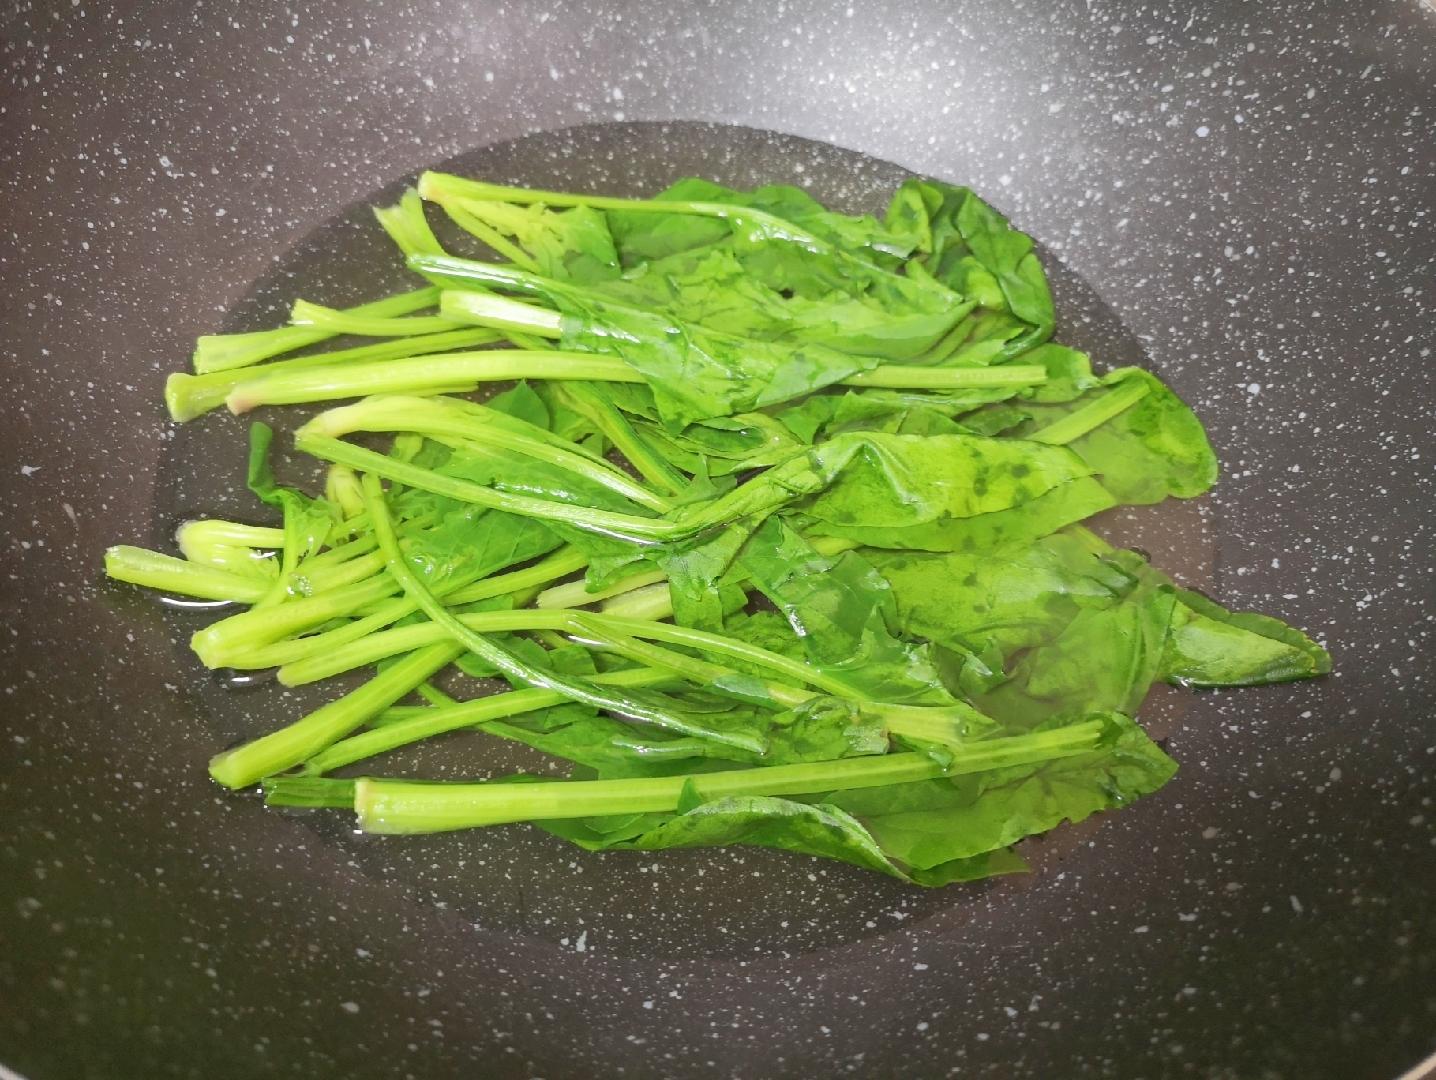 菠菜蛋卷,锅内放水烧开,加入一点盐和食用油,下入菠菜焯水,水开即可。</p> <p>